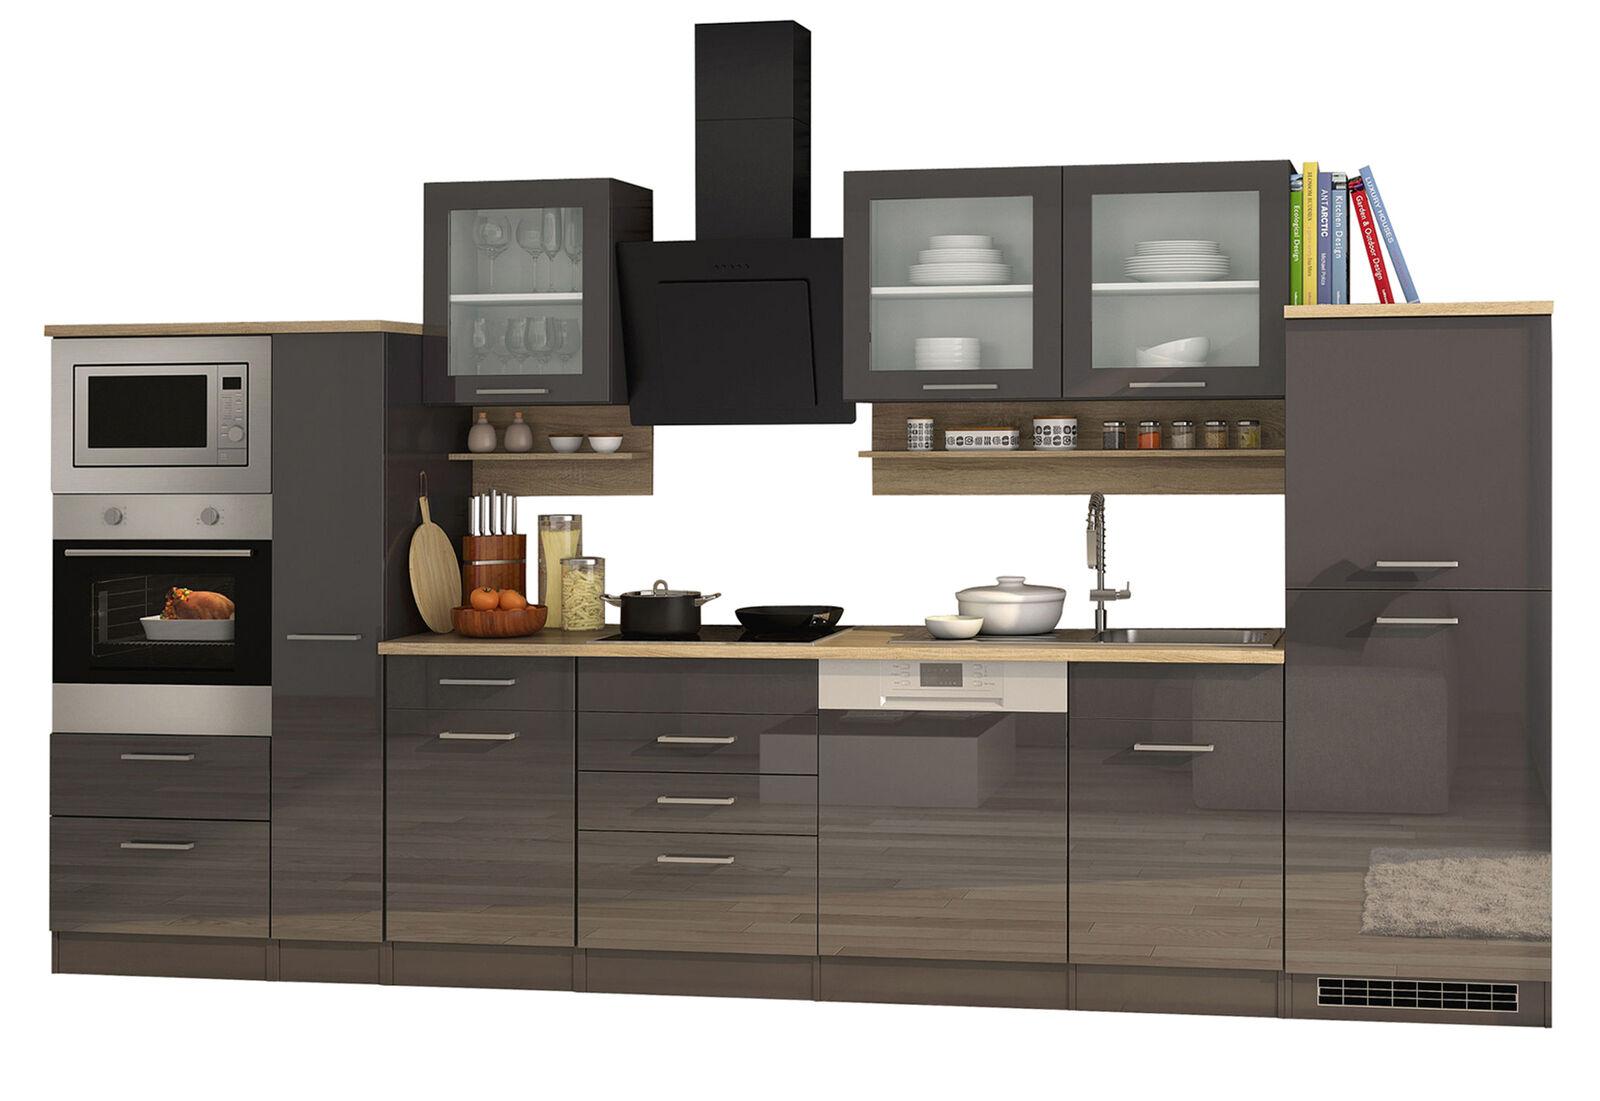 Full Size of Einbauküche Mit Elektrogeräten Einbauküche Mit Elektrogeräte Komplett Amazon Einbauküche Mit Elektrogeräten Einbauküche 240 Cm Mit Elektrogeräten Küche Einbauküche Mit Elektrogeräten